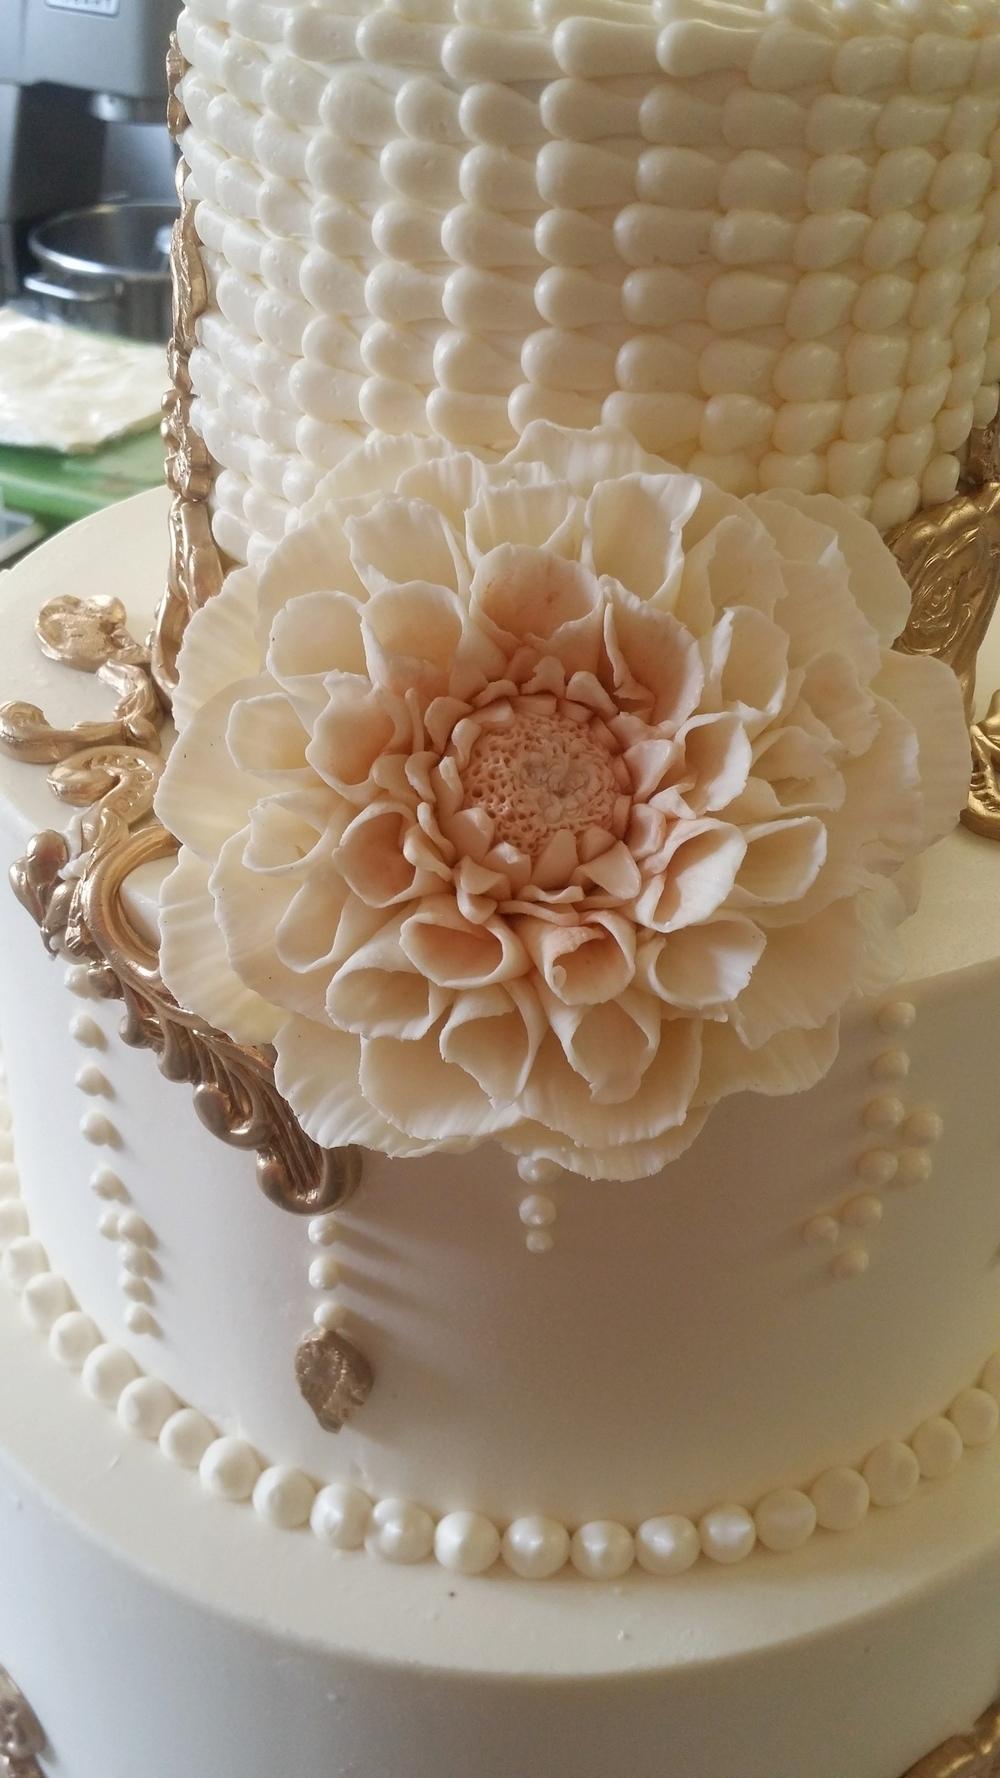 CAKE cake 20150731_151315.jpg